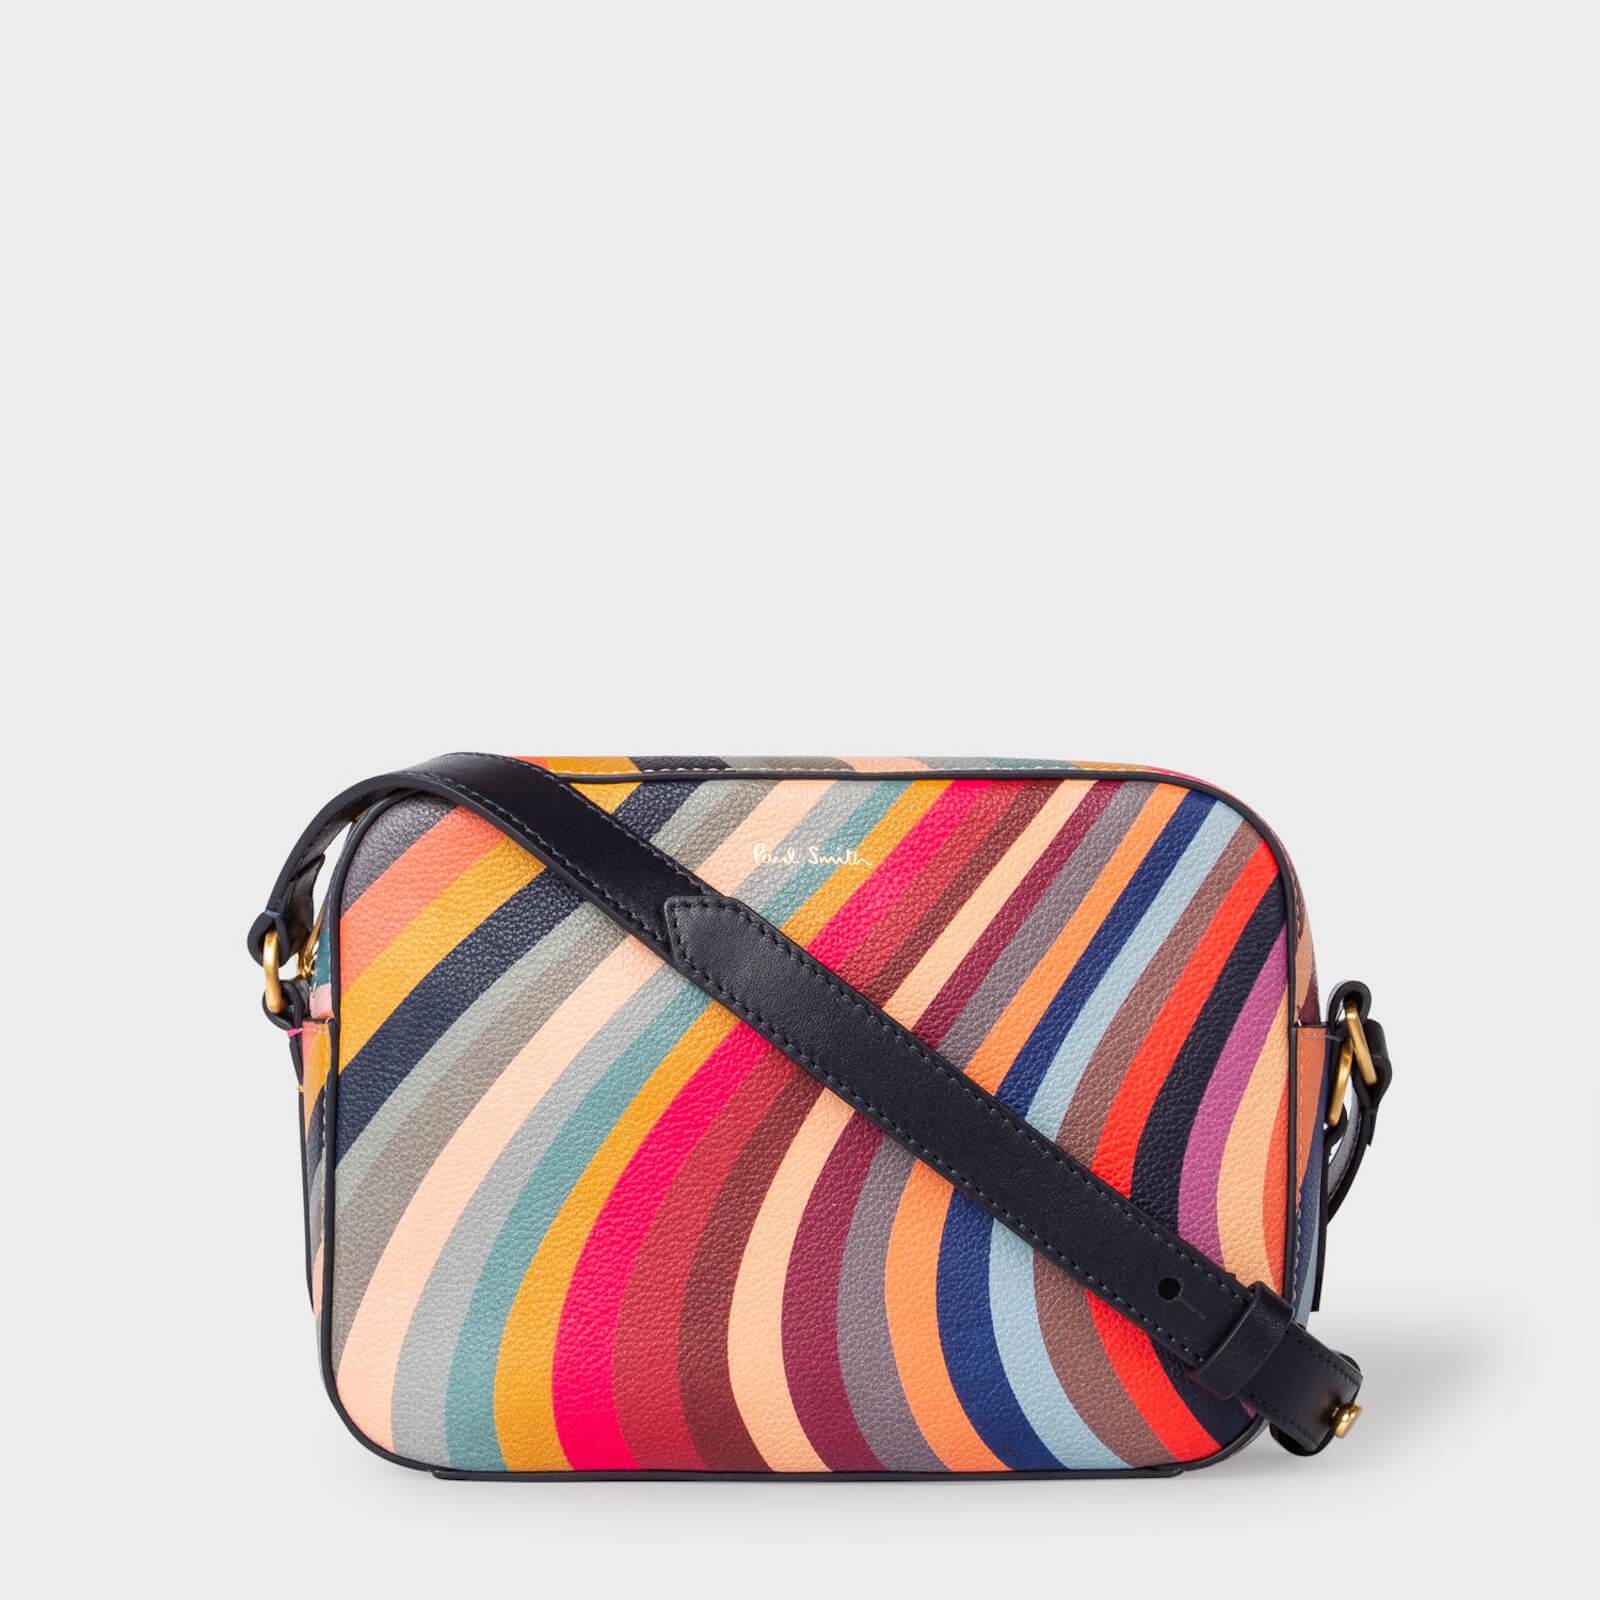 Paul Smith Women's Swirl Cross Body Bag - Multi